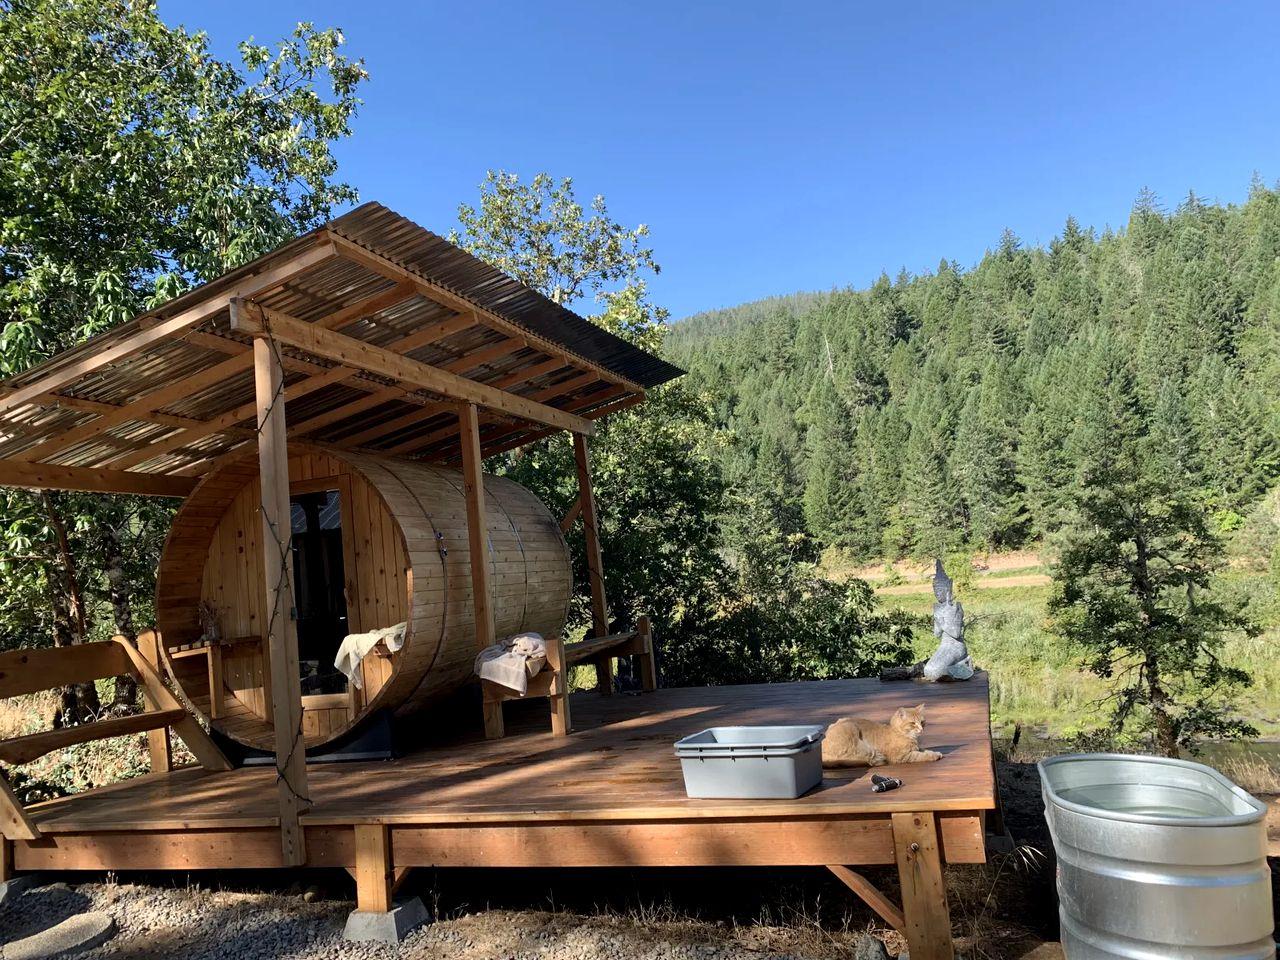 A sauna outdoors